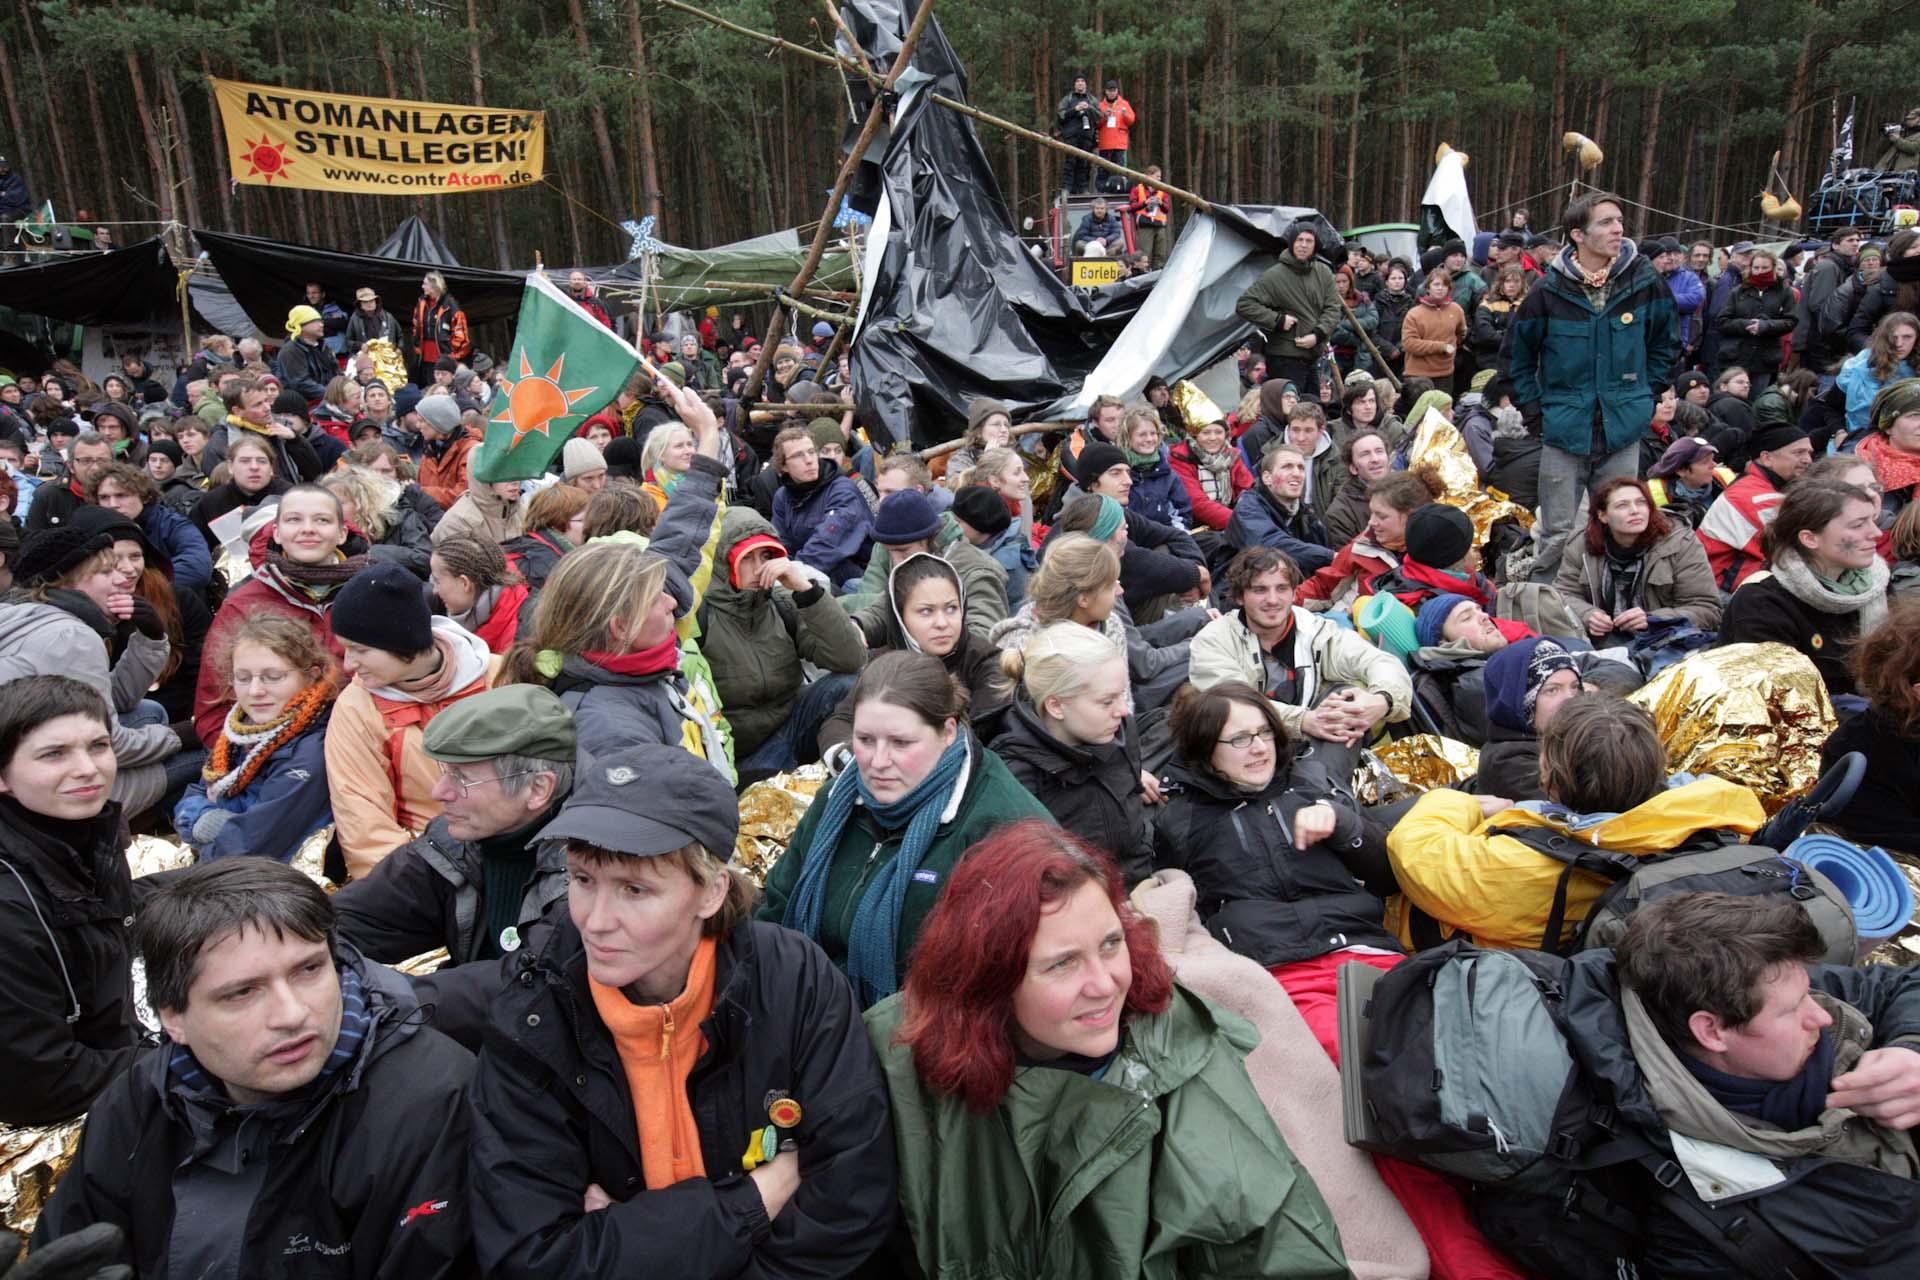 Grüne Prominenz bei der Sitzblockade vor dem Zwischenlager Gorleben. Links unten, Sven Giegold, daneben Grüne Geschäftsführerin Steffi Lemke und Astrid Rothe-Beinlich.